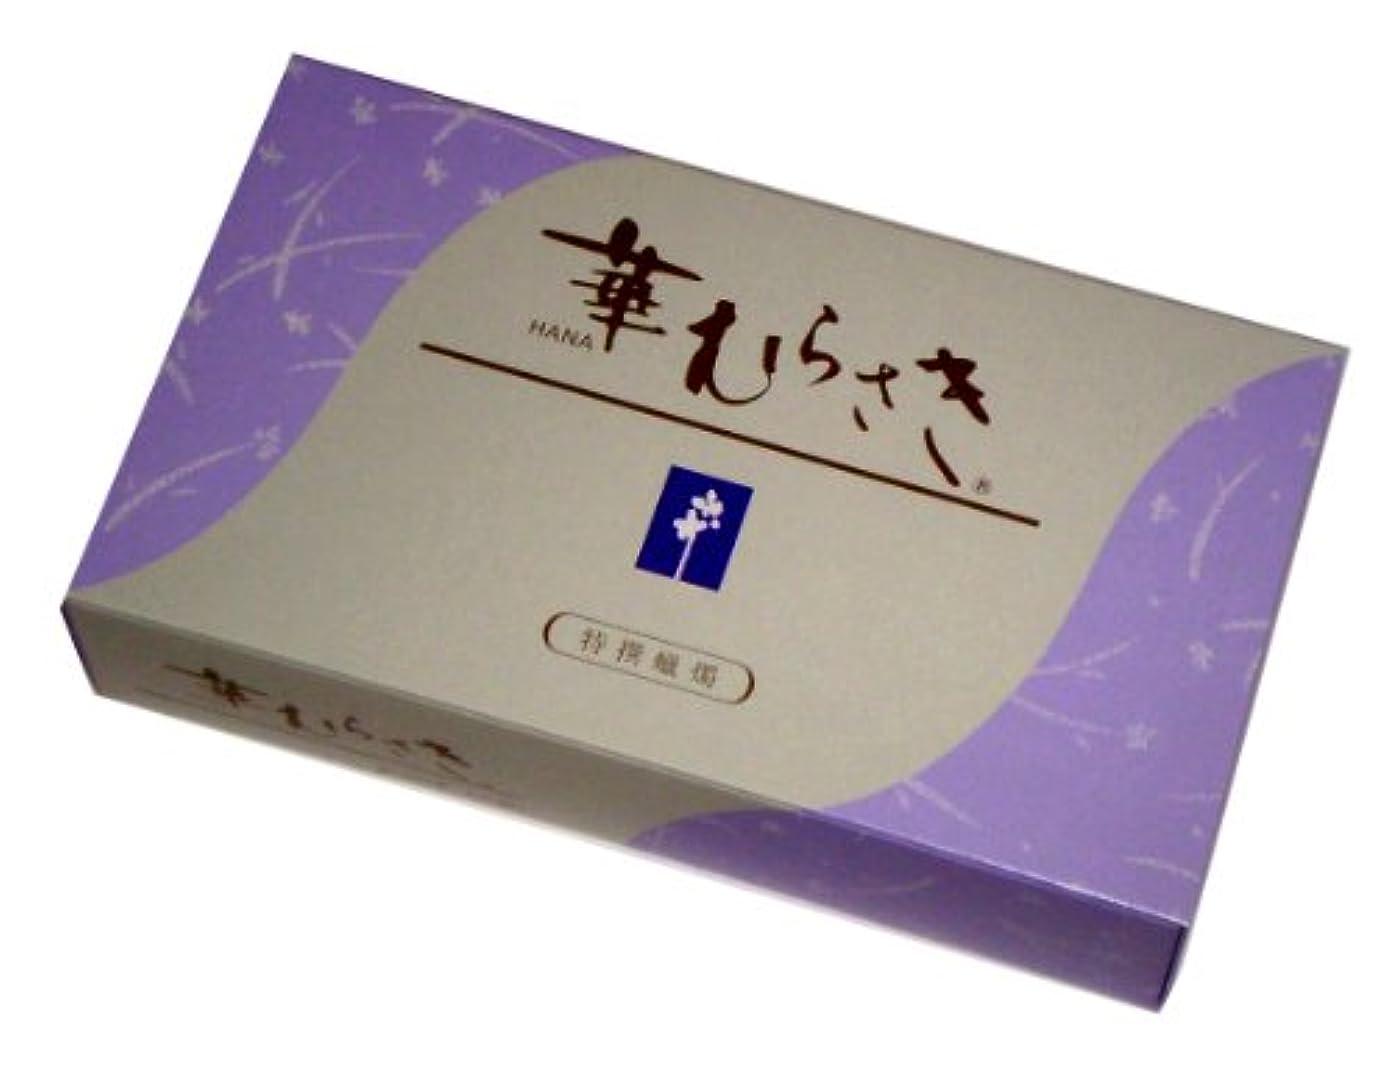 ヘビシュートタイムリーな東海製蝋のろうそく 花びらローソク 華むらさき プチ 大箱